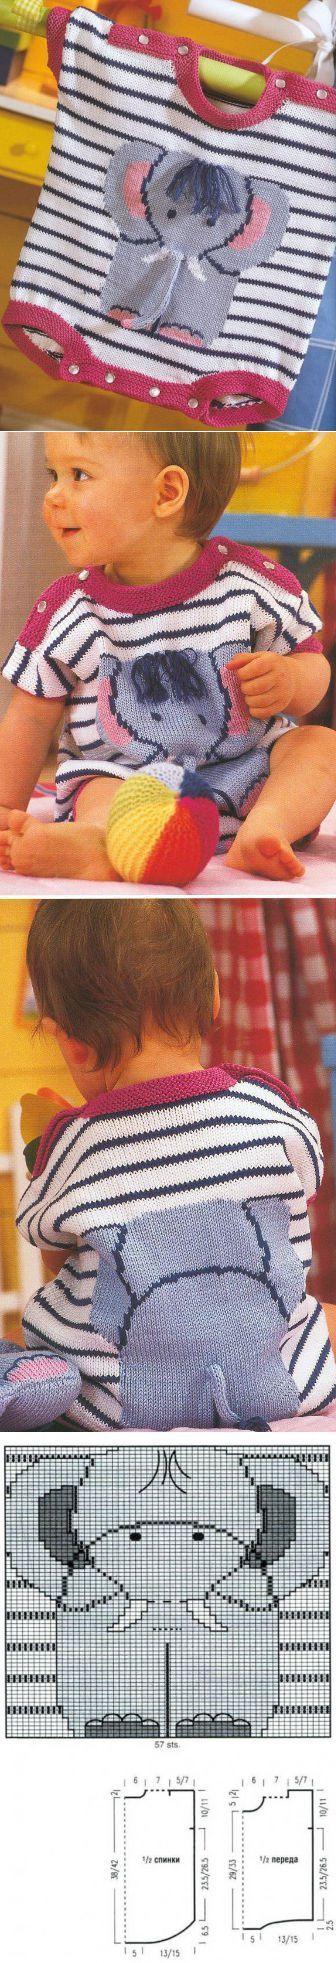 Вязанный летний комбенизончик для малыша - слоник / Детские шапочки, шарфики, пинетки, комплекты. Шитье и вязание для детей спицами и крючком / Ёжка - стихи, загадки, творчество и уроки рисования для детей